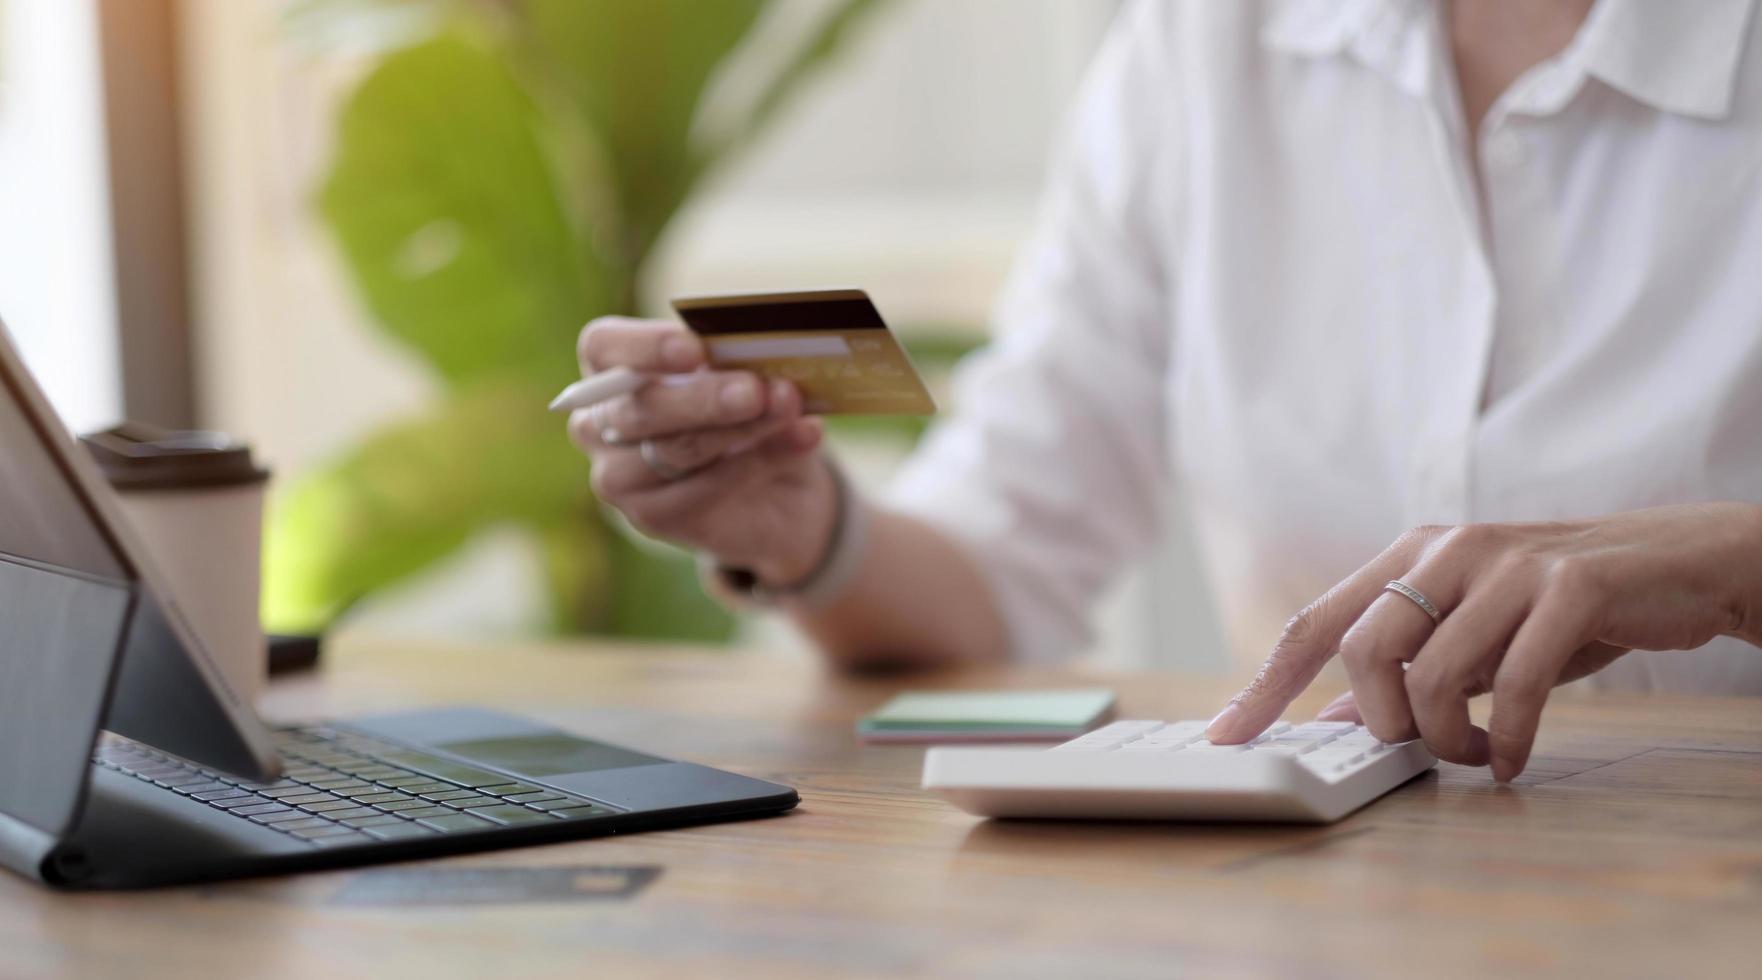 vrouw die berekeningen maakt en online winkelt met creditcard. vrouw met behulp van rekenmachine, budget en leenpapier op kantoor. rekeningen, huisbudget, belasting, sparen, financiën, economie, audit, schuldconcept foto